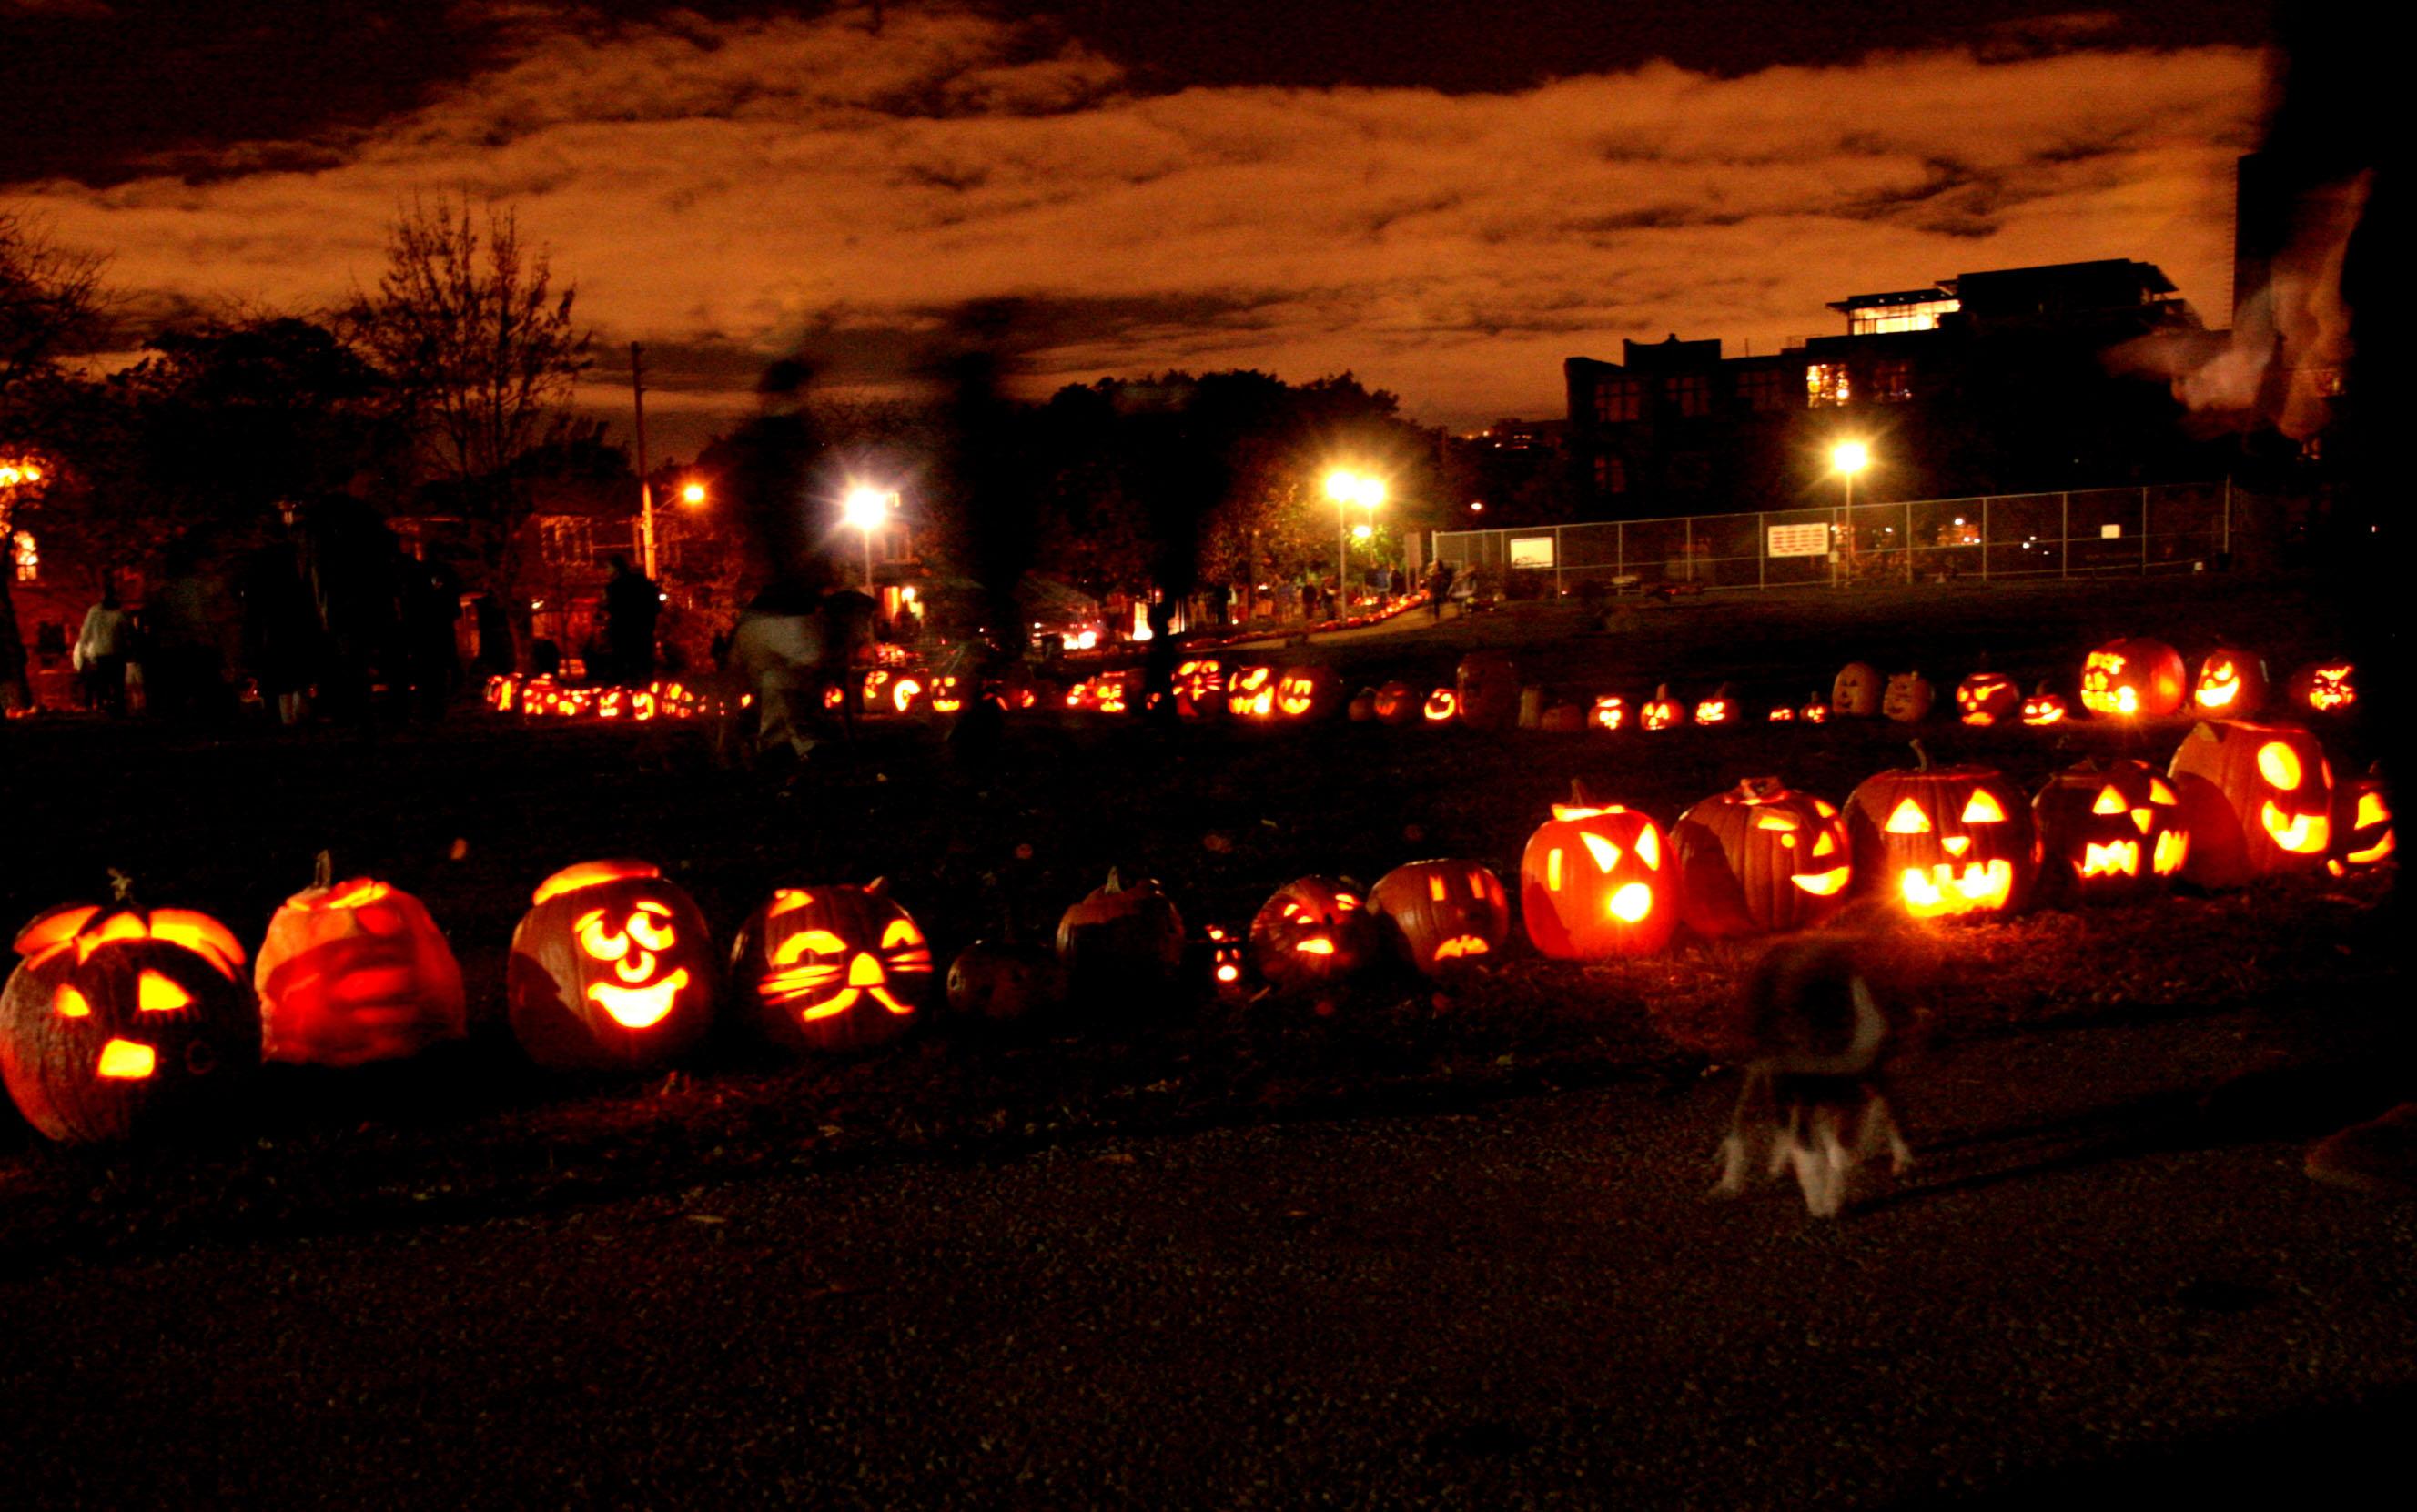 Thousands of jack-o-lanterns line Sorauren Park for their annual pumpkin parade. Photo via: soraurenpark.wordpress.com